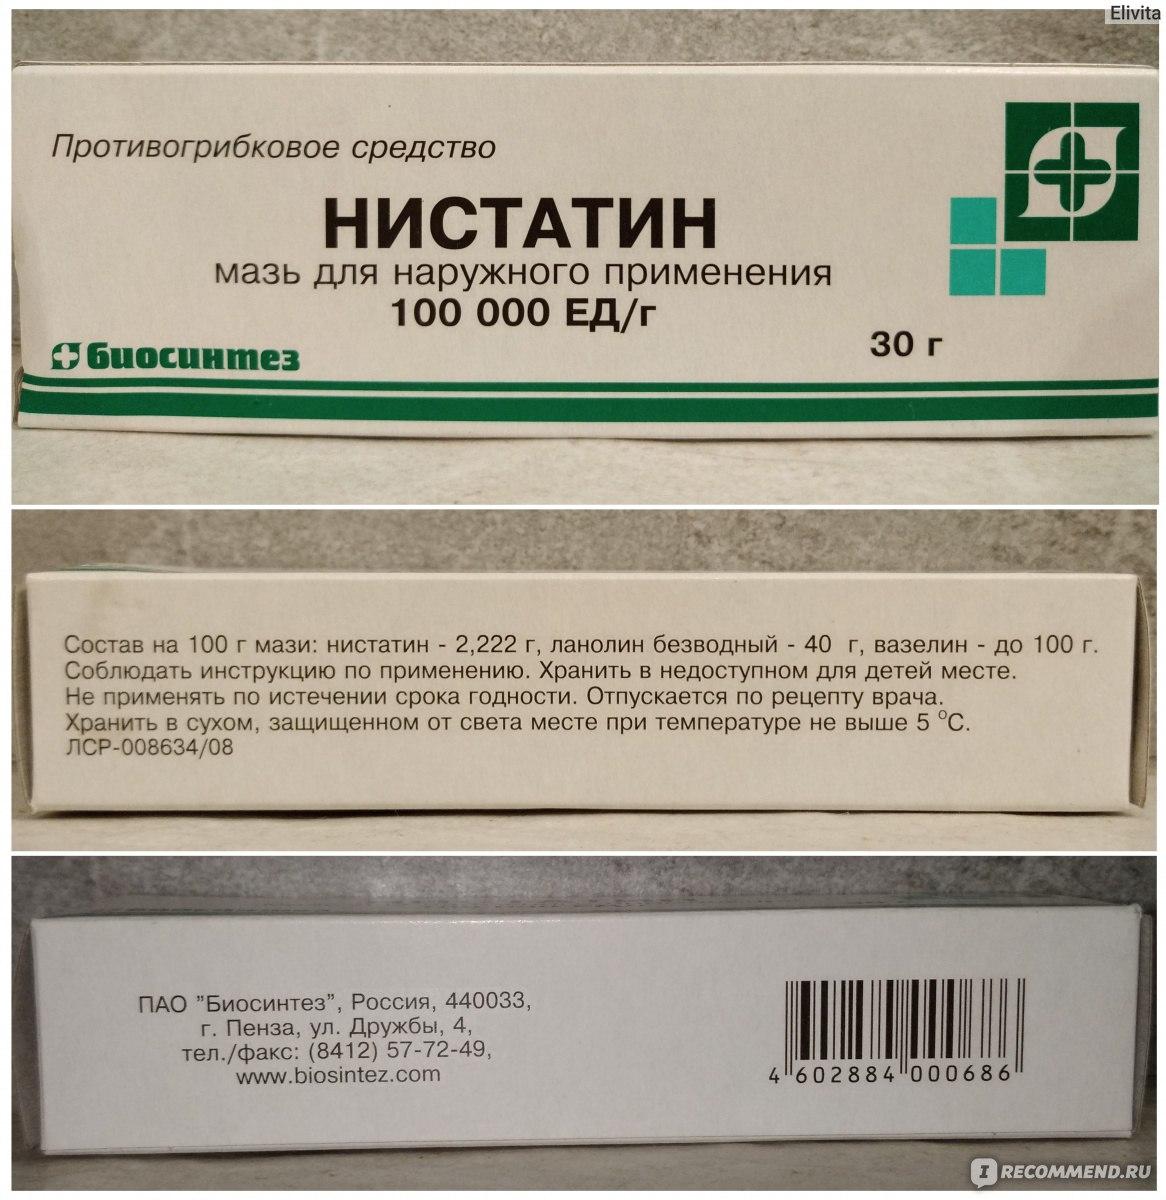 Нистатин мазь: инструкция по применению